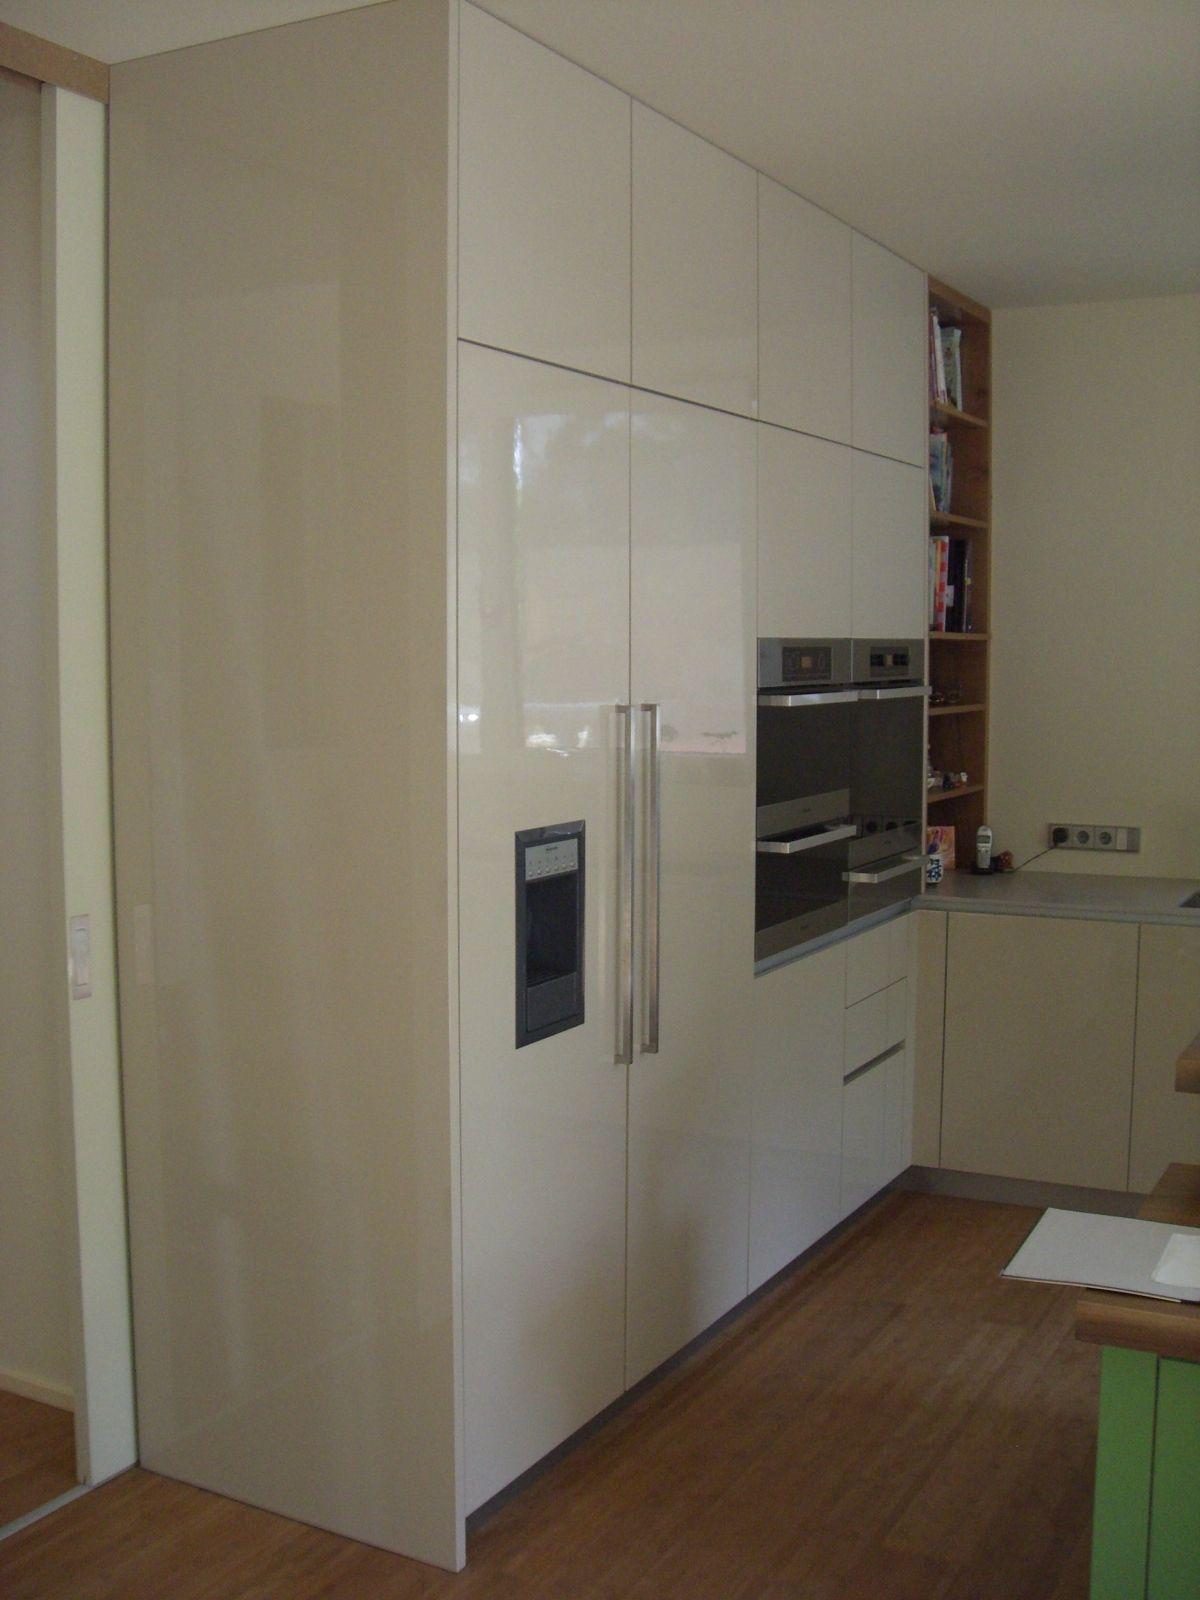 Küche in Hochglanzlack Küche einrichten, Küchen planung